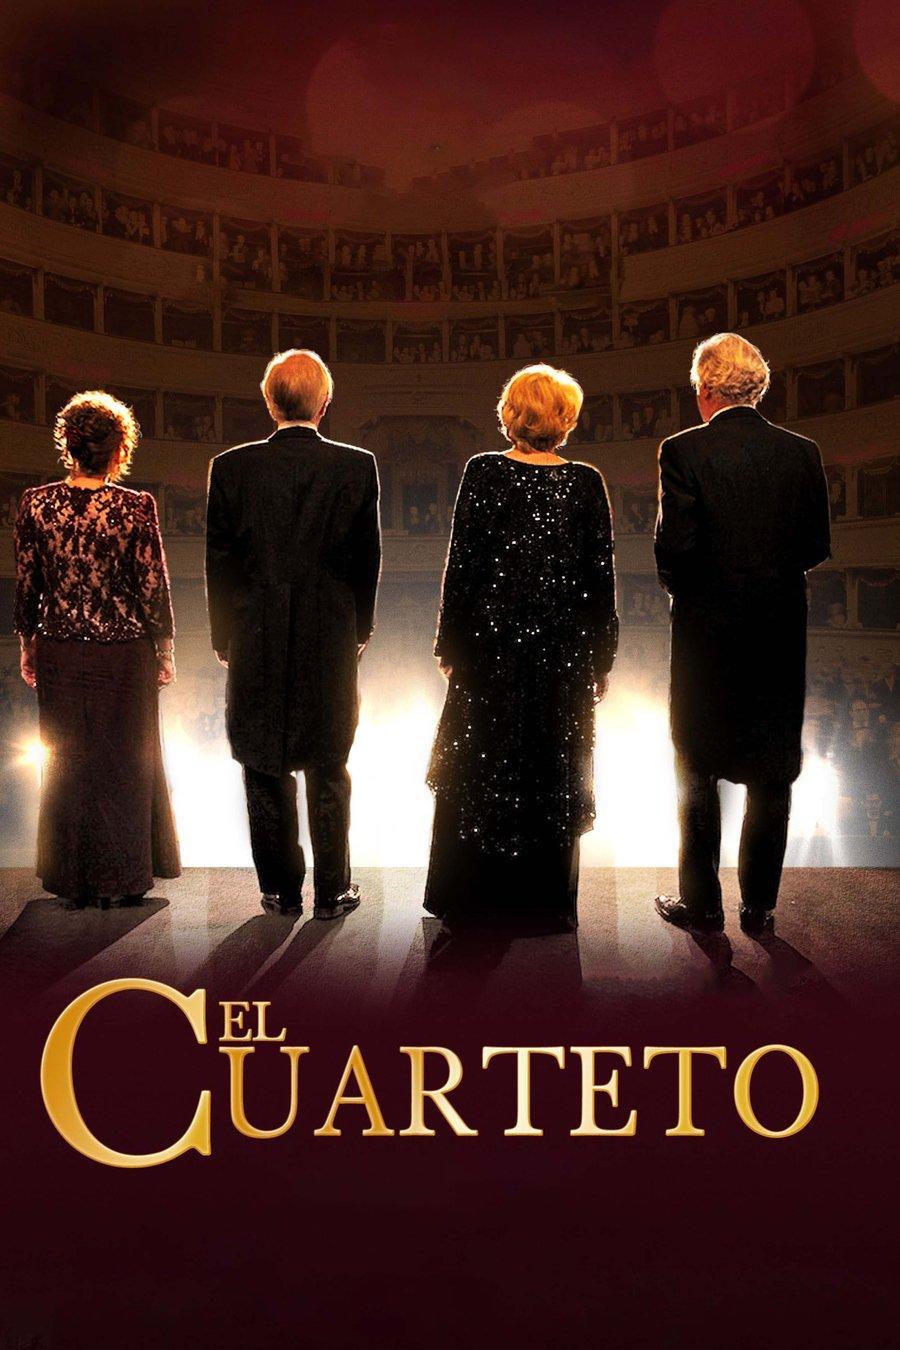 El Cuarteto